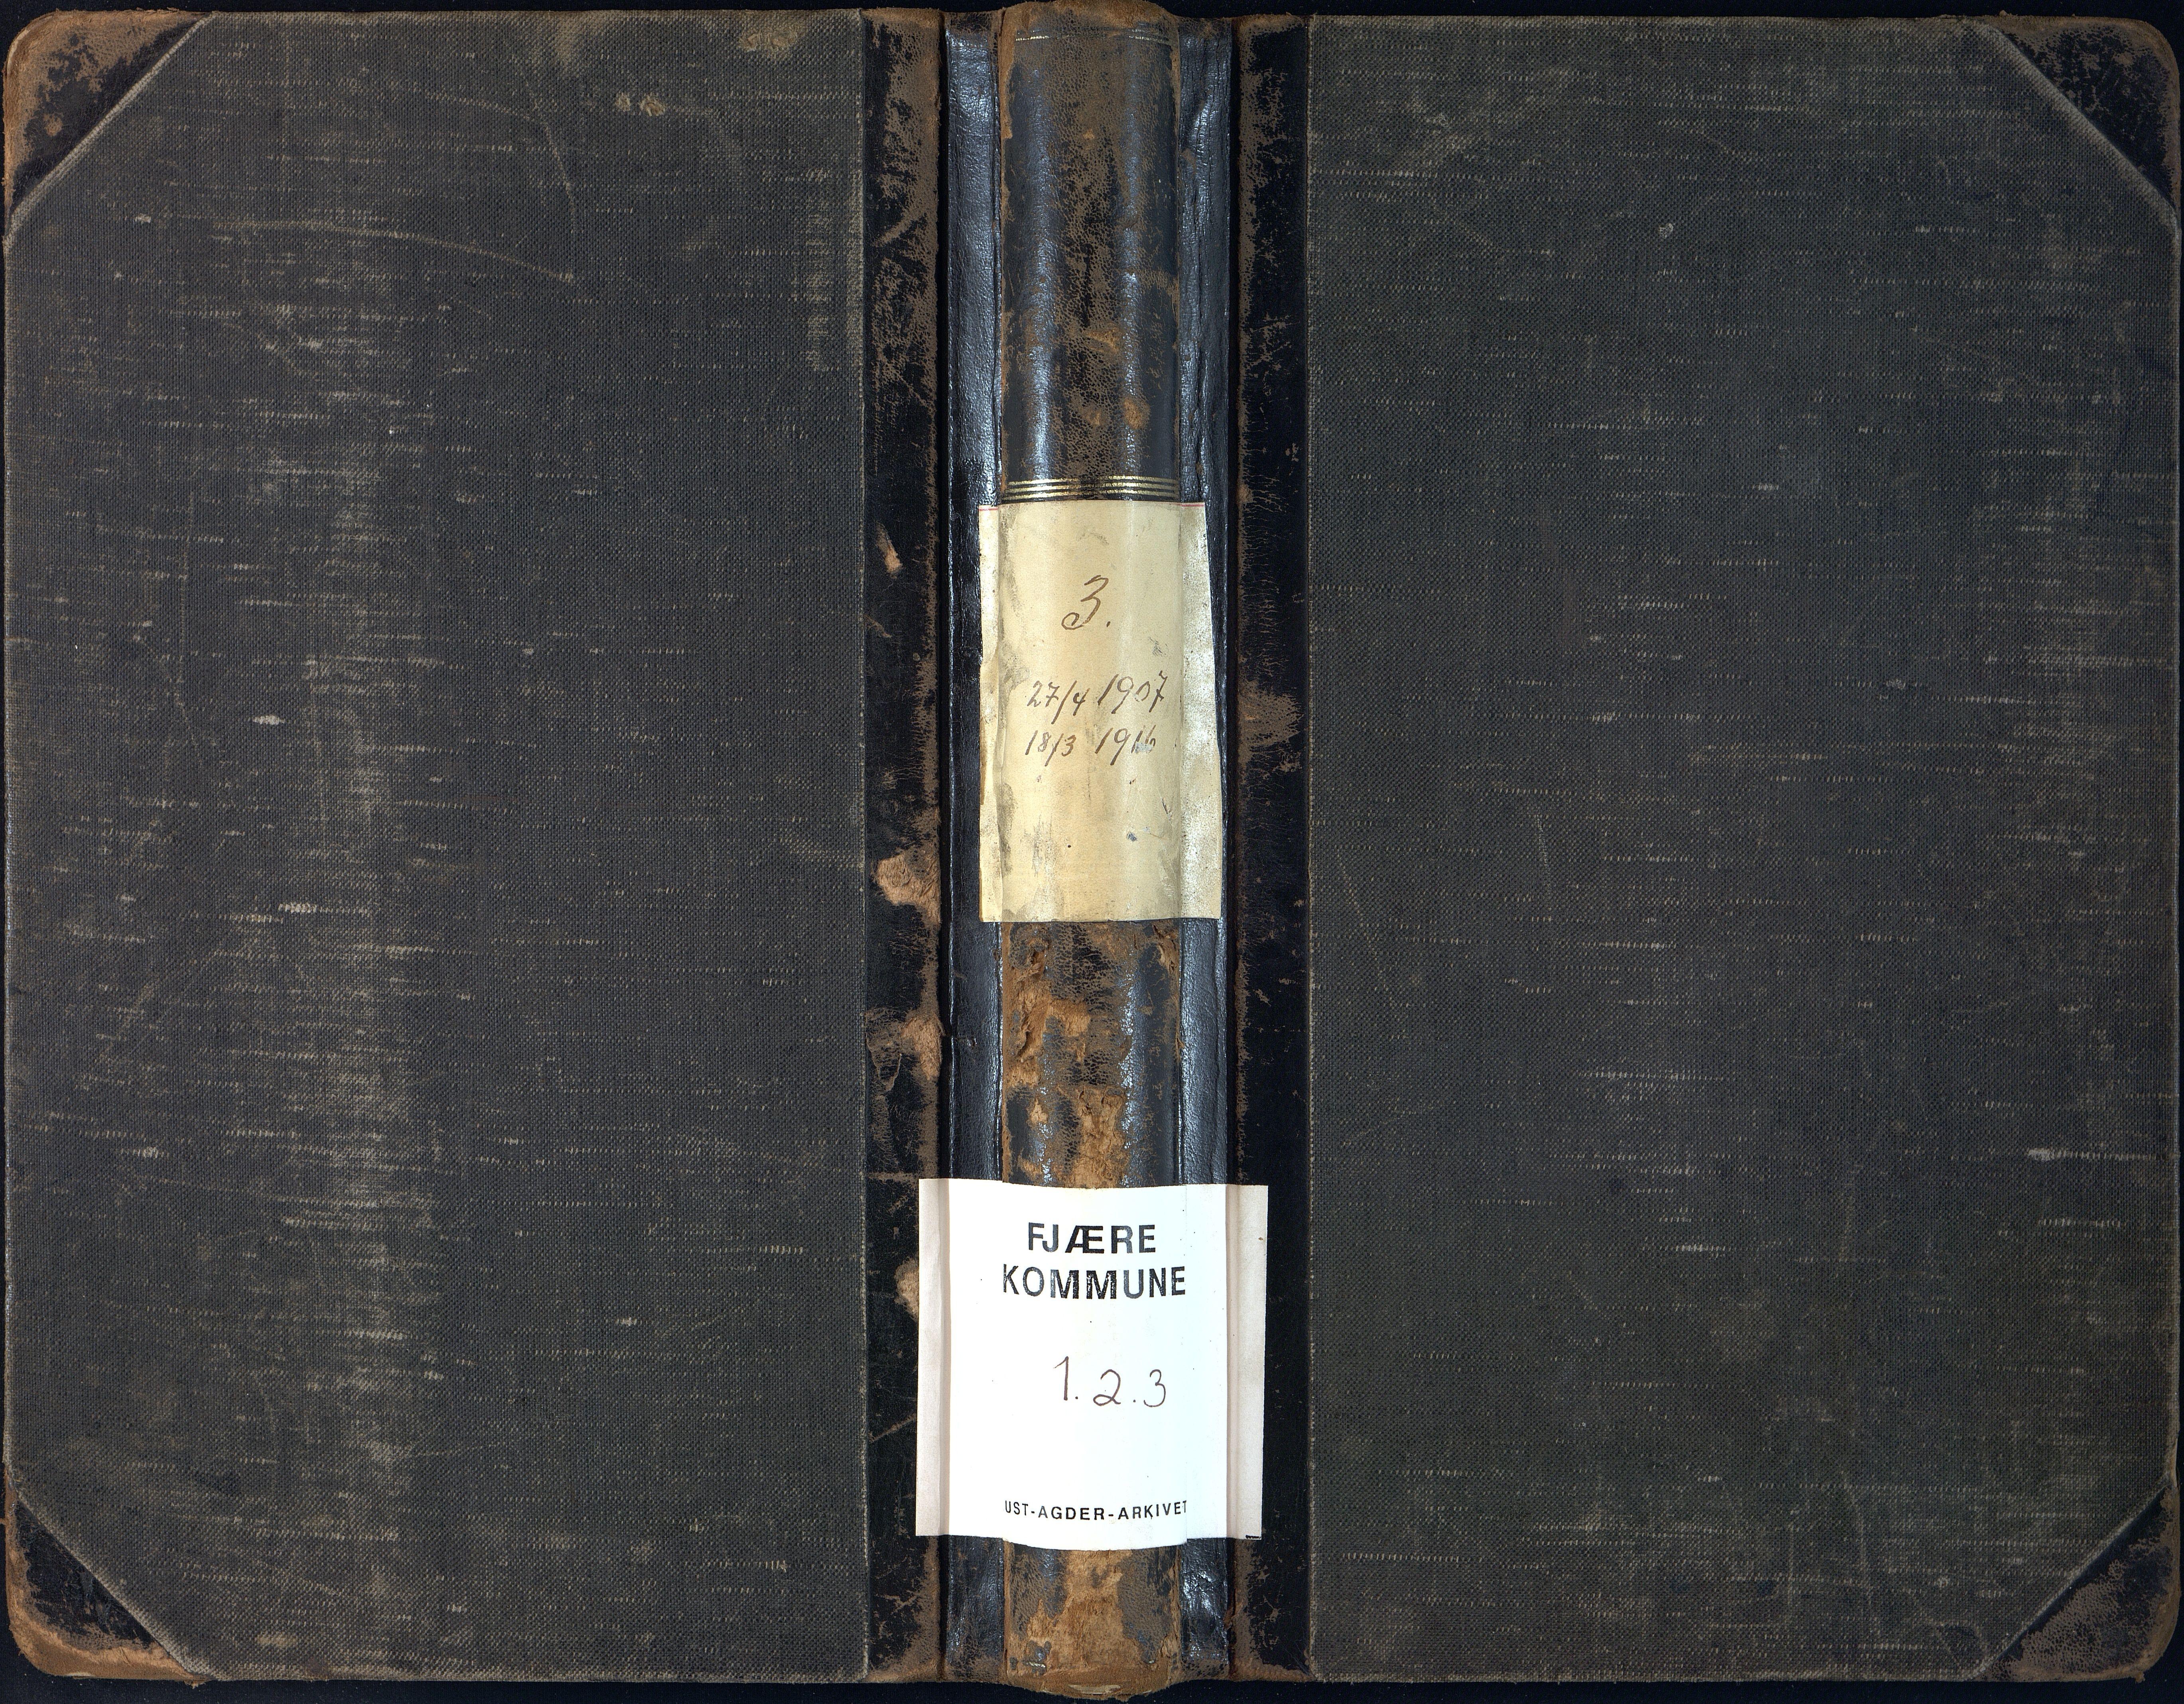 AAKS, Fjære kommune, 01/01A/L0005: Møtebok, 1907-1916